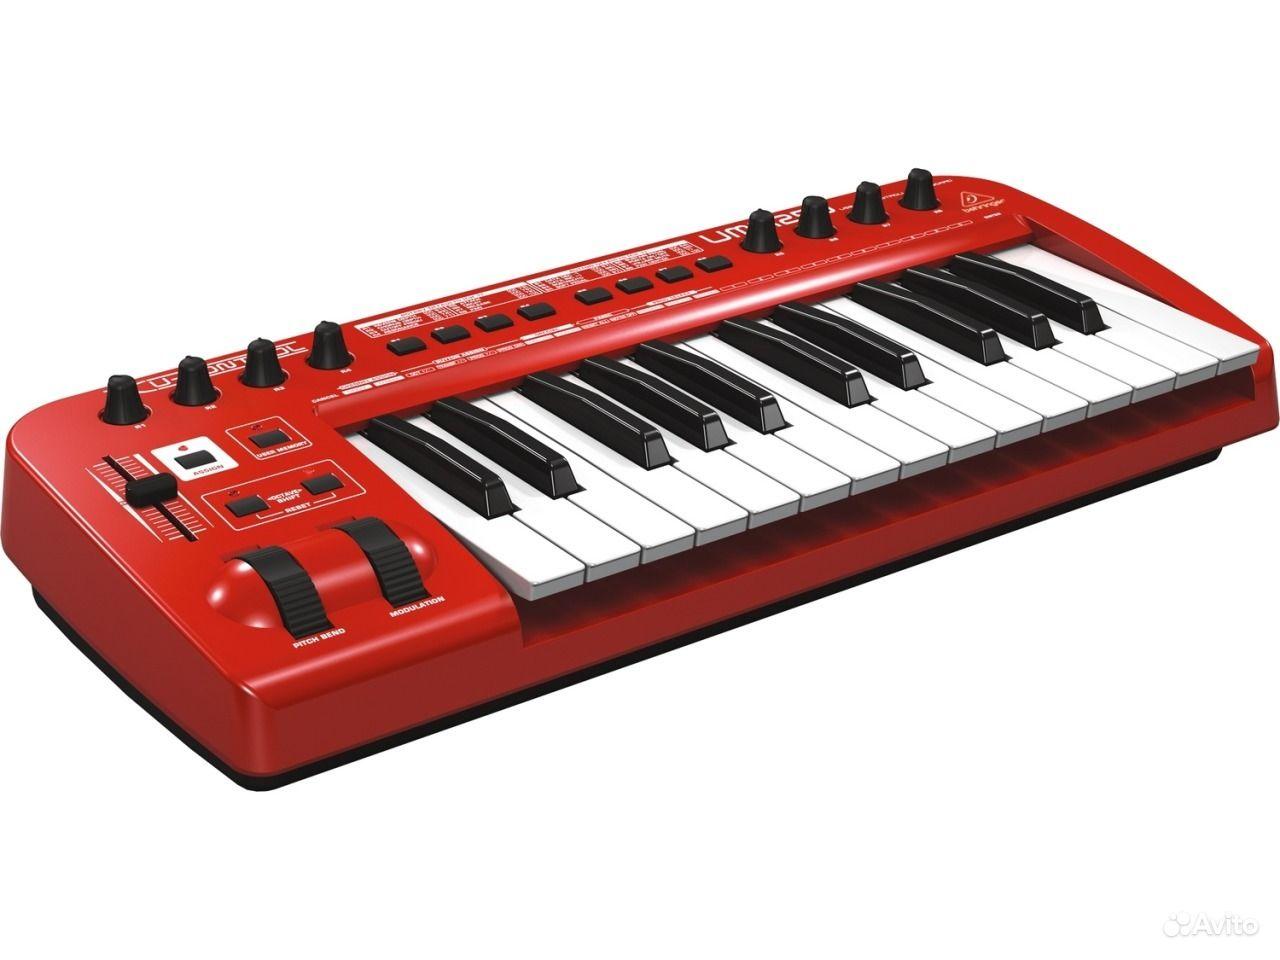 ижевск магазин музыкальны инструмент: